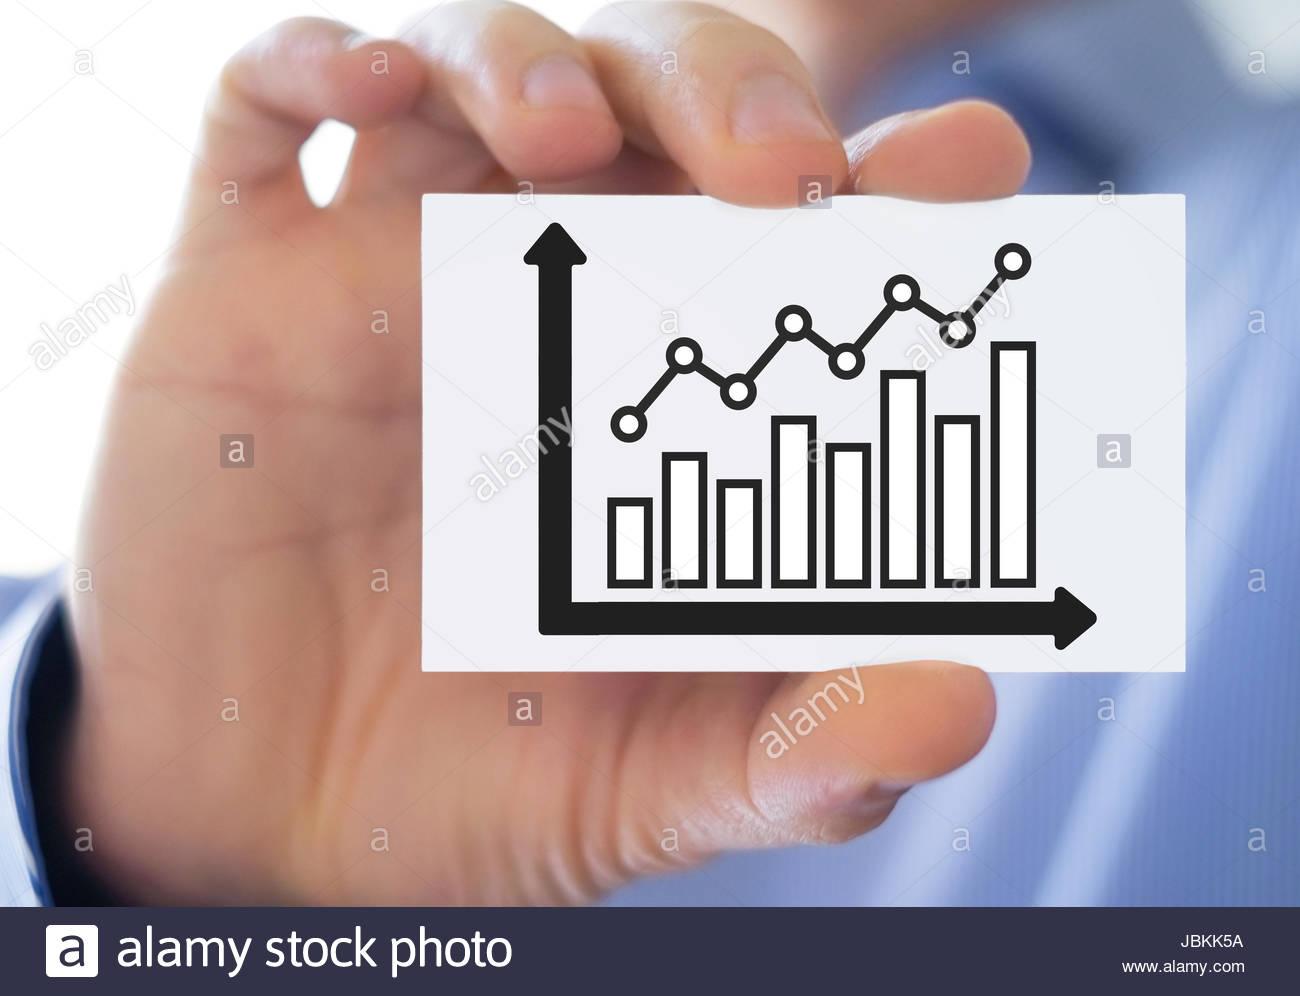 Statistiques de développement graphique graphique - carte de visite Photo Stock